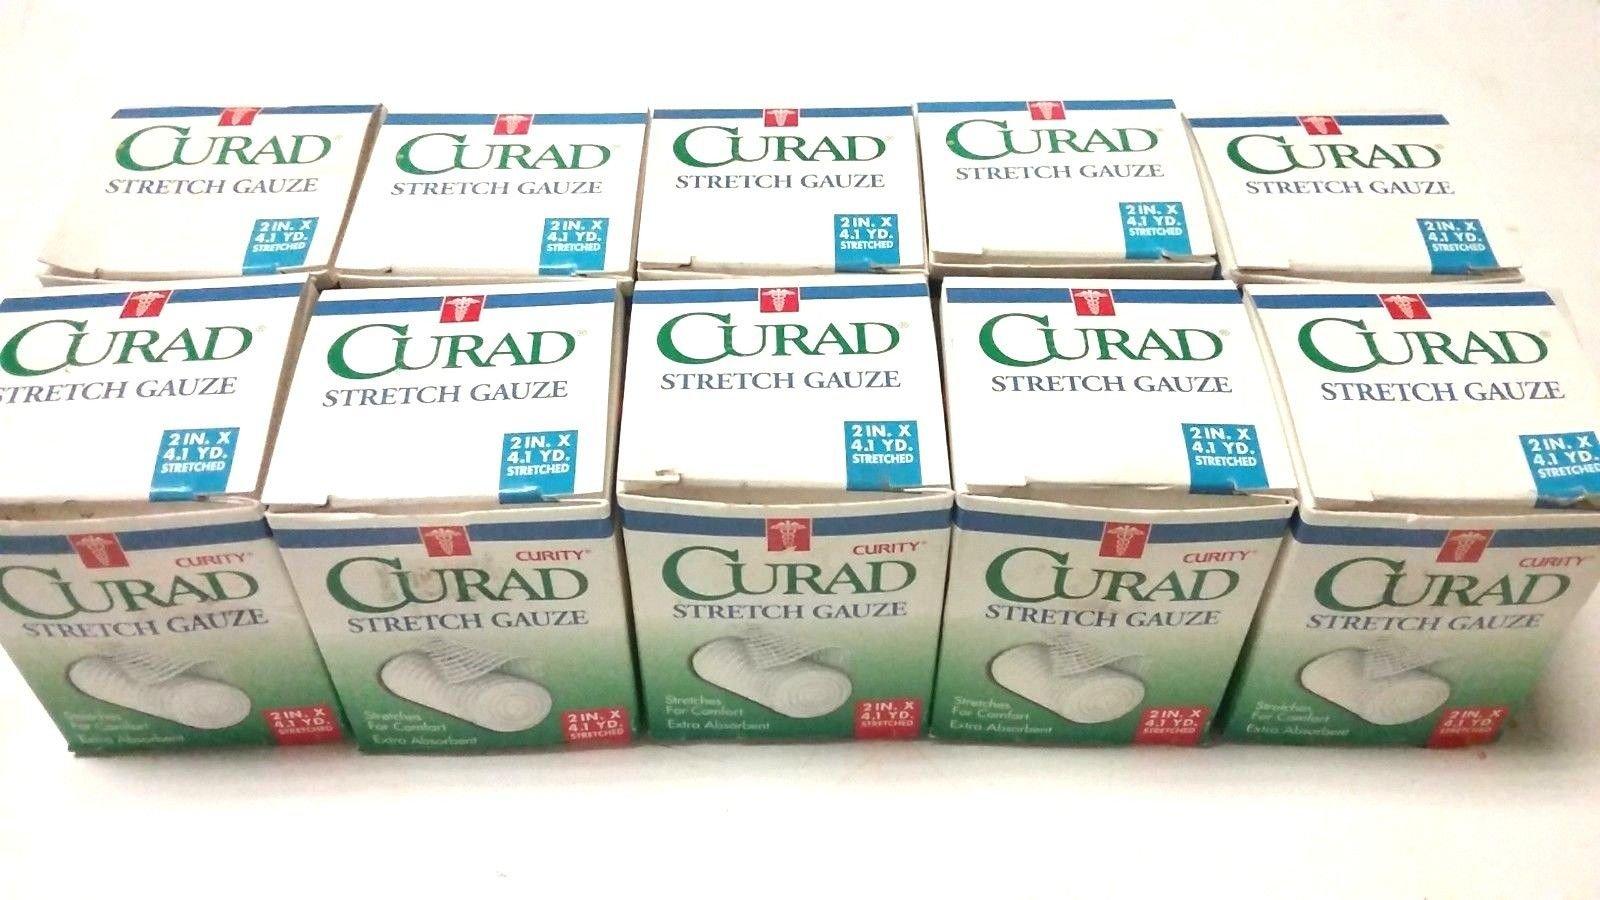 10 Rolls - Curad 2'' x 4.1 YDs. Stretch Gauze - Individually Sealed Rolls - USA by Curad